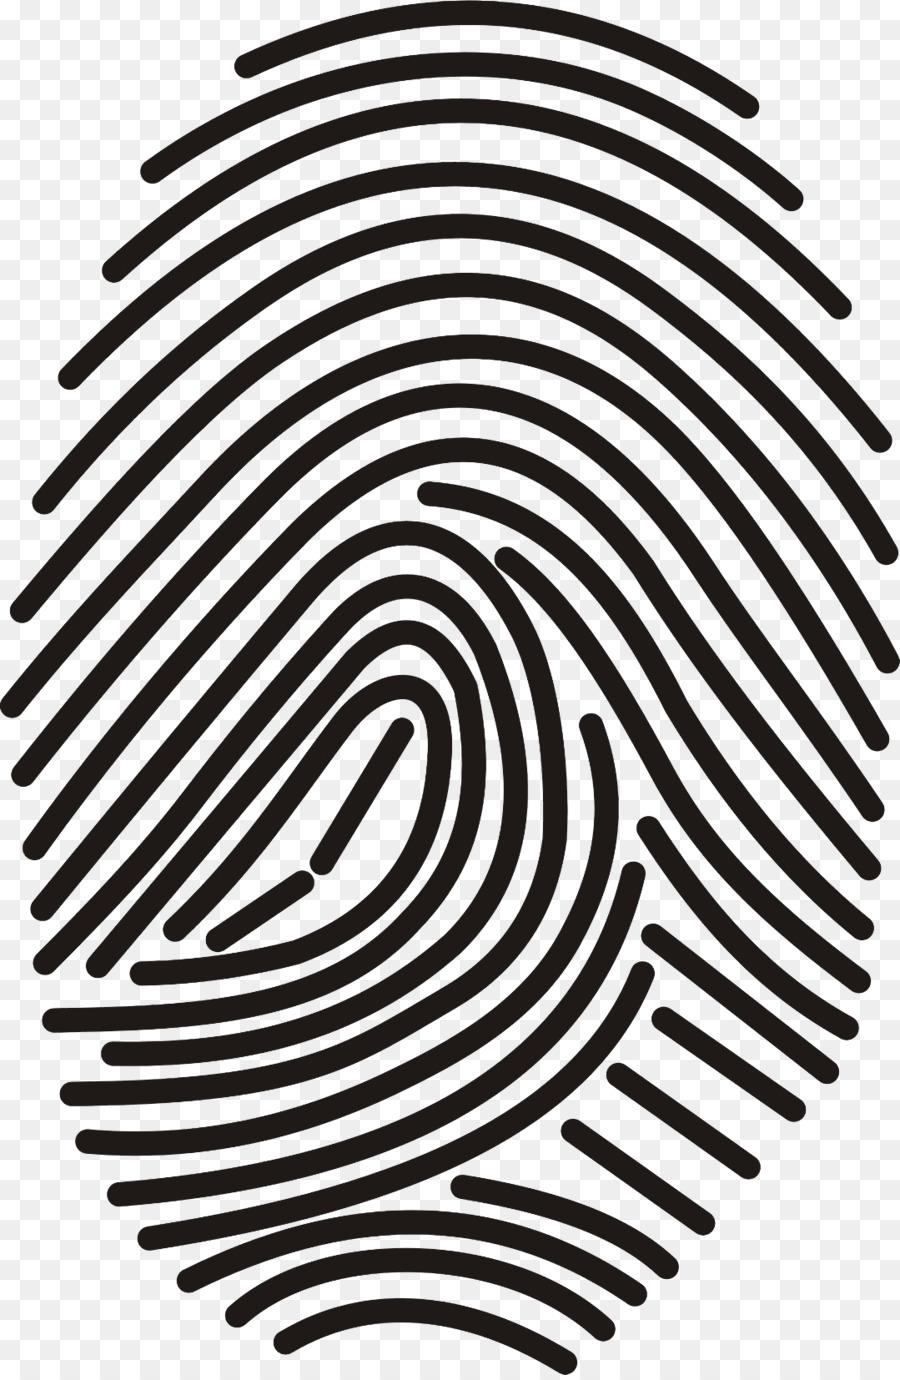 Fingerprint png download - 1079*1648 - Free Transparent